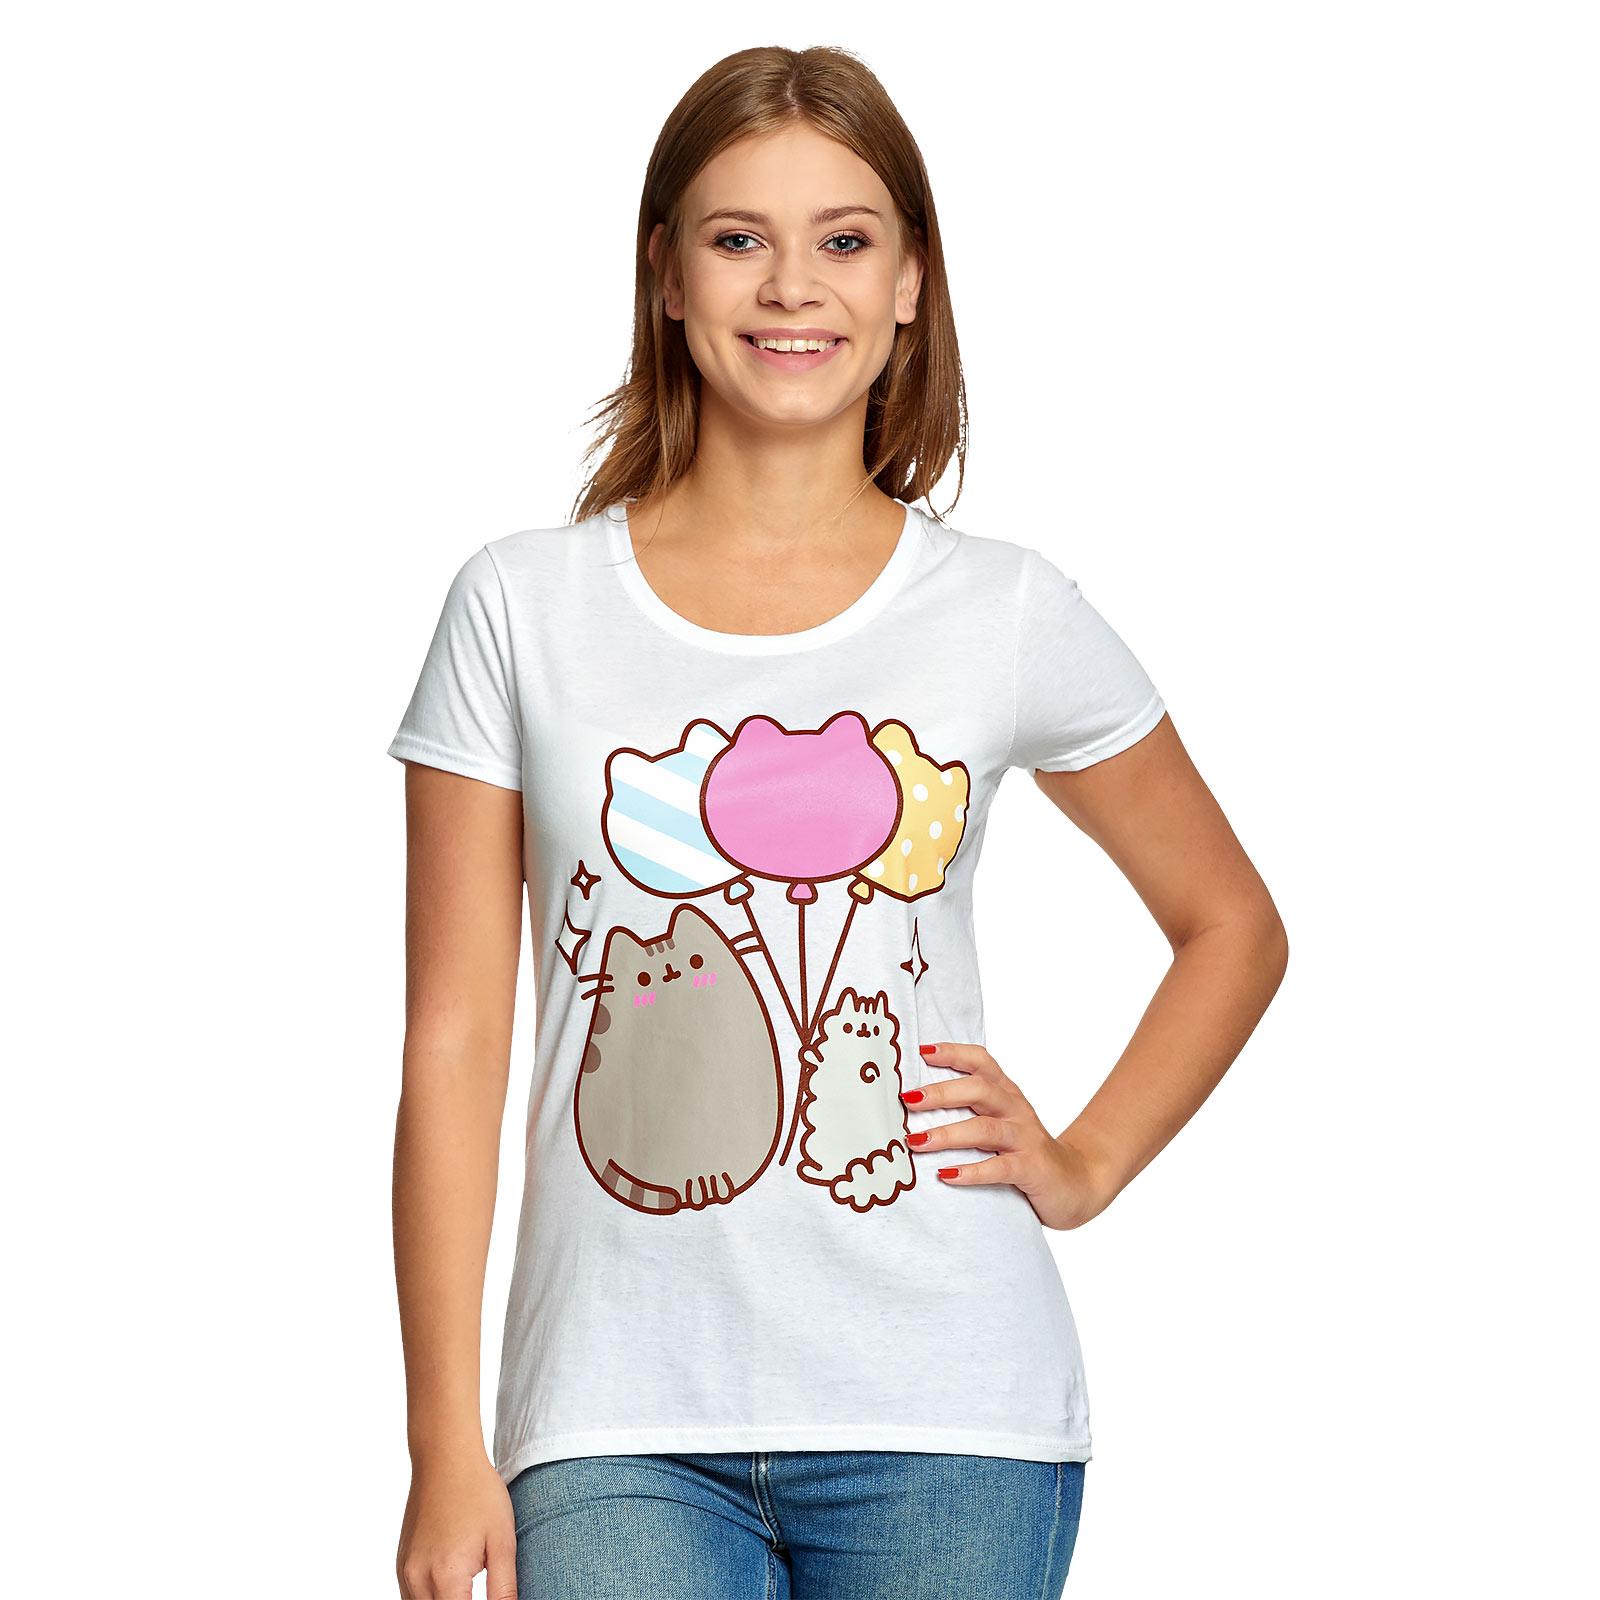 Pusheen - Balloons T-Shirt Damen weiß